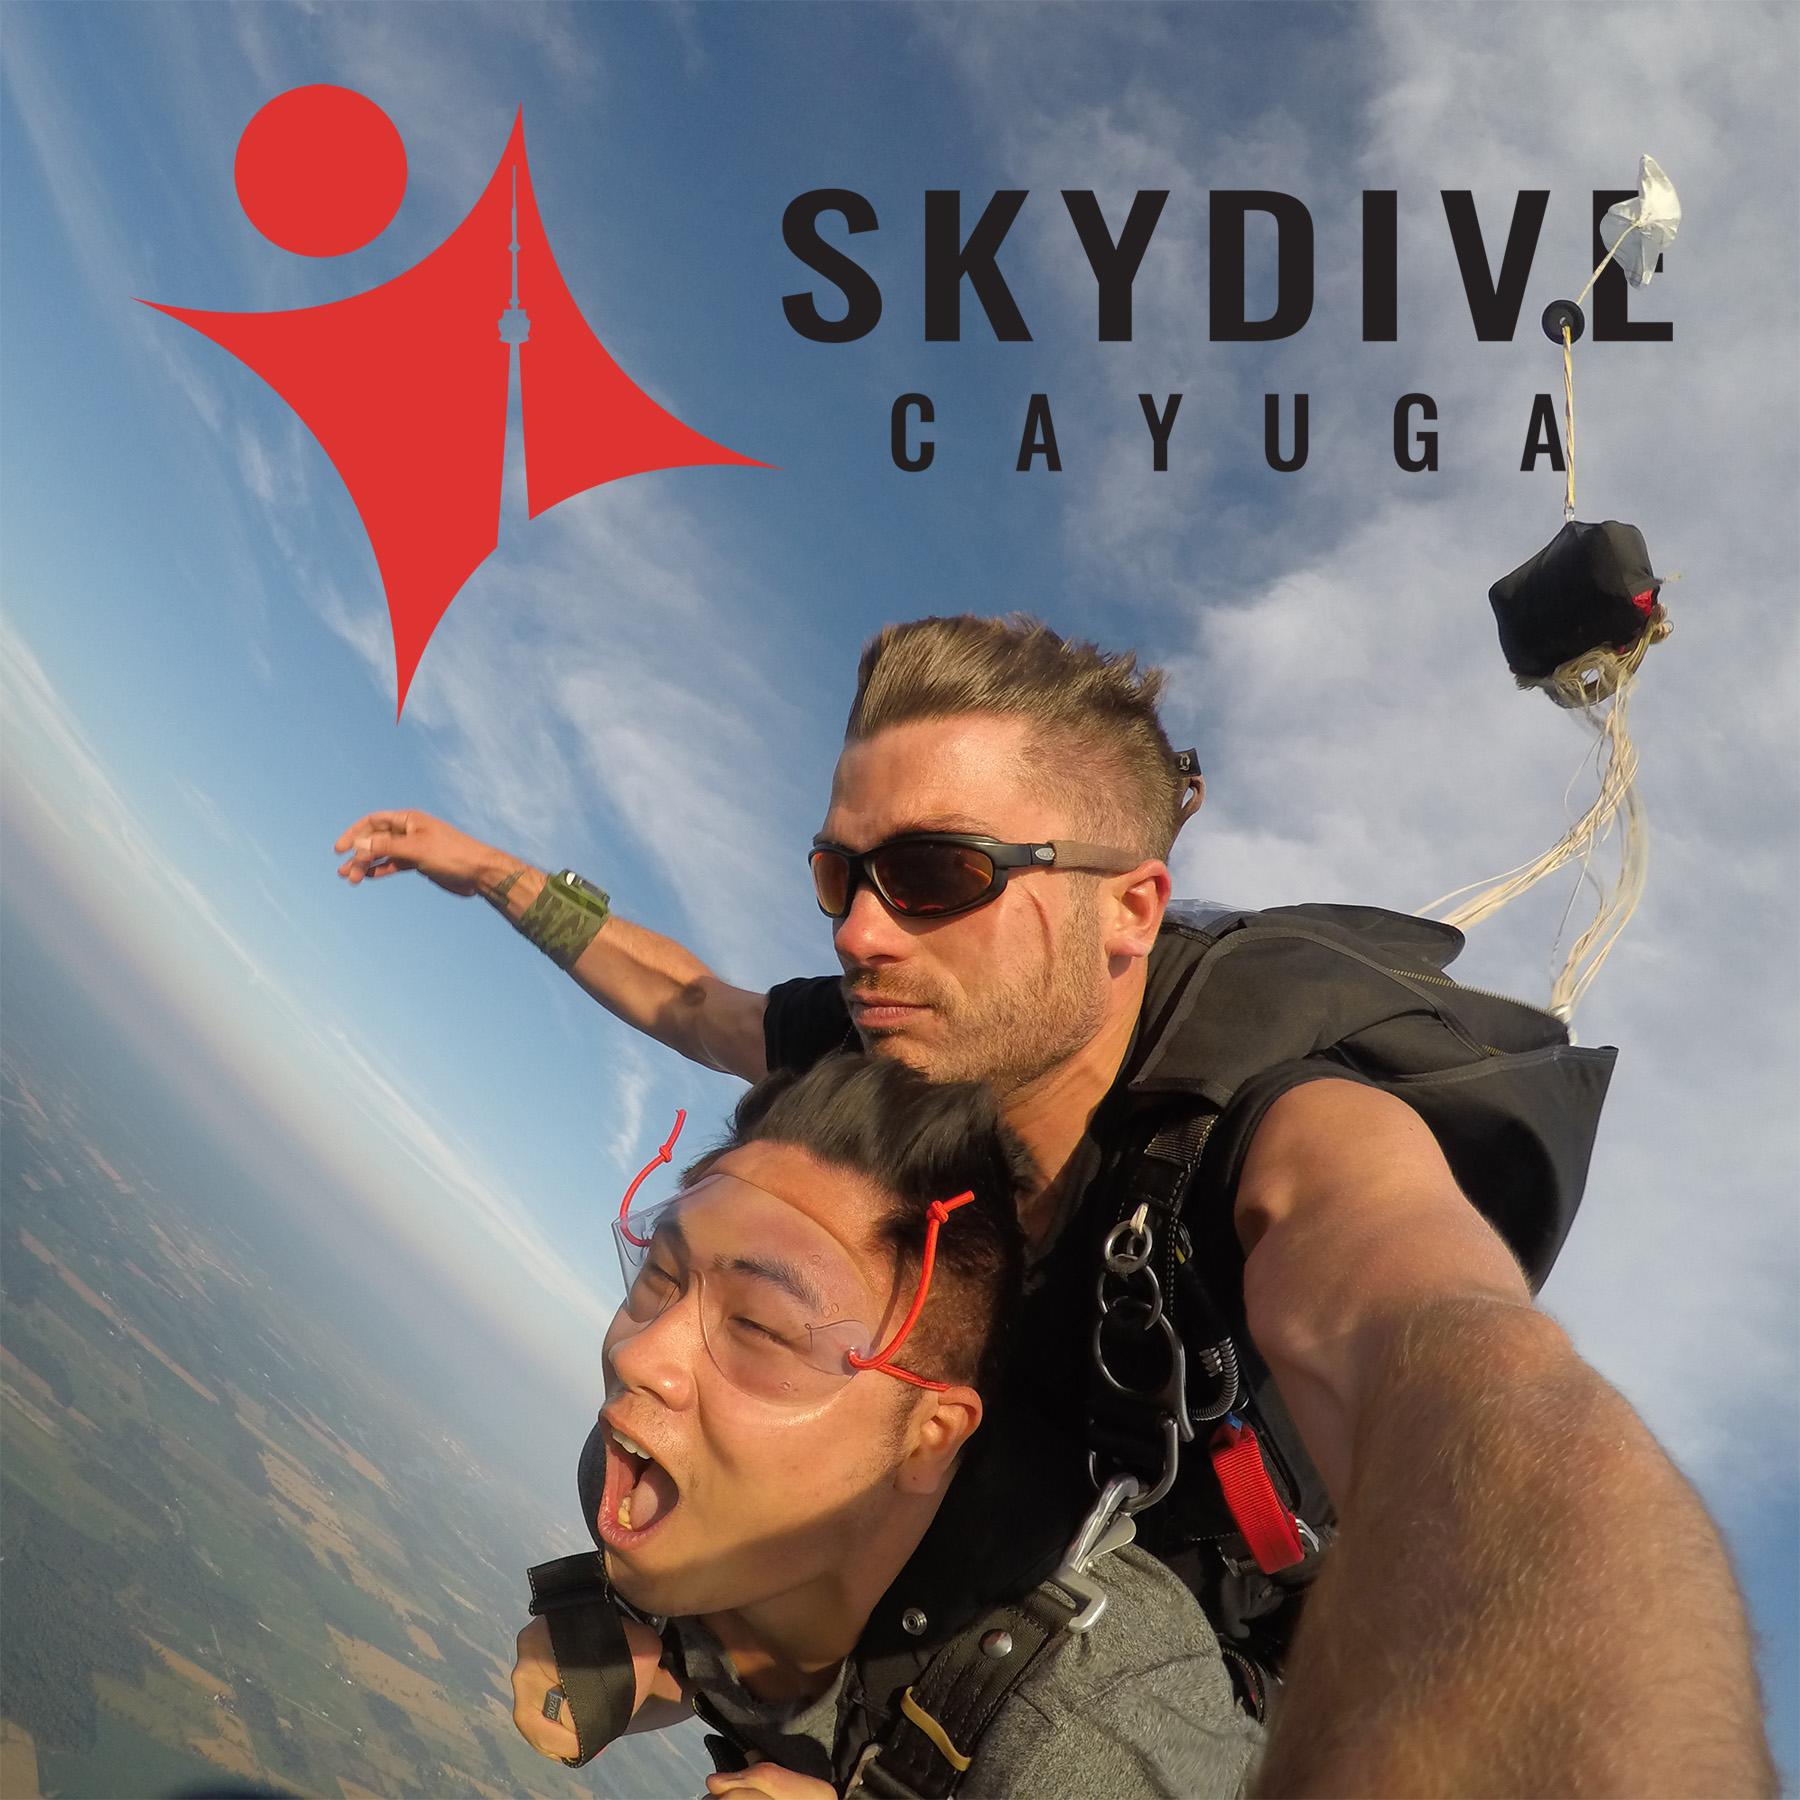 Instagram Skydive Ontario